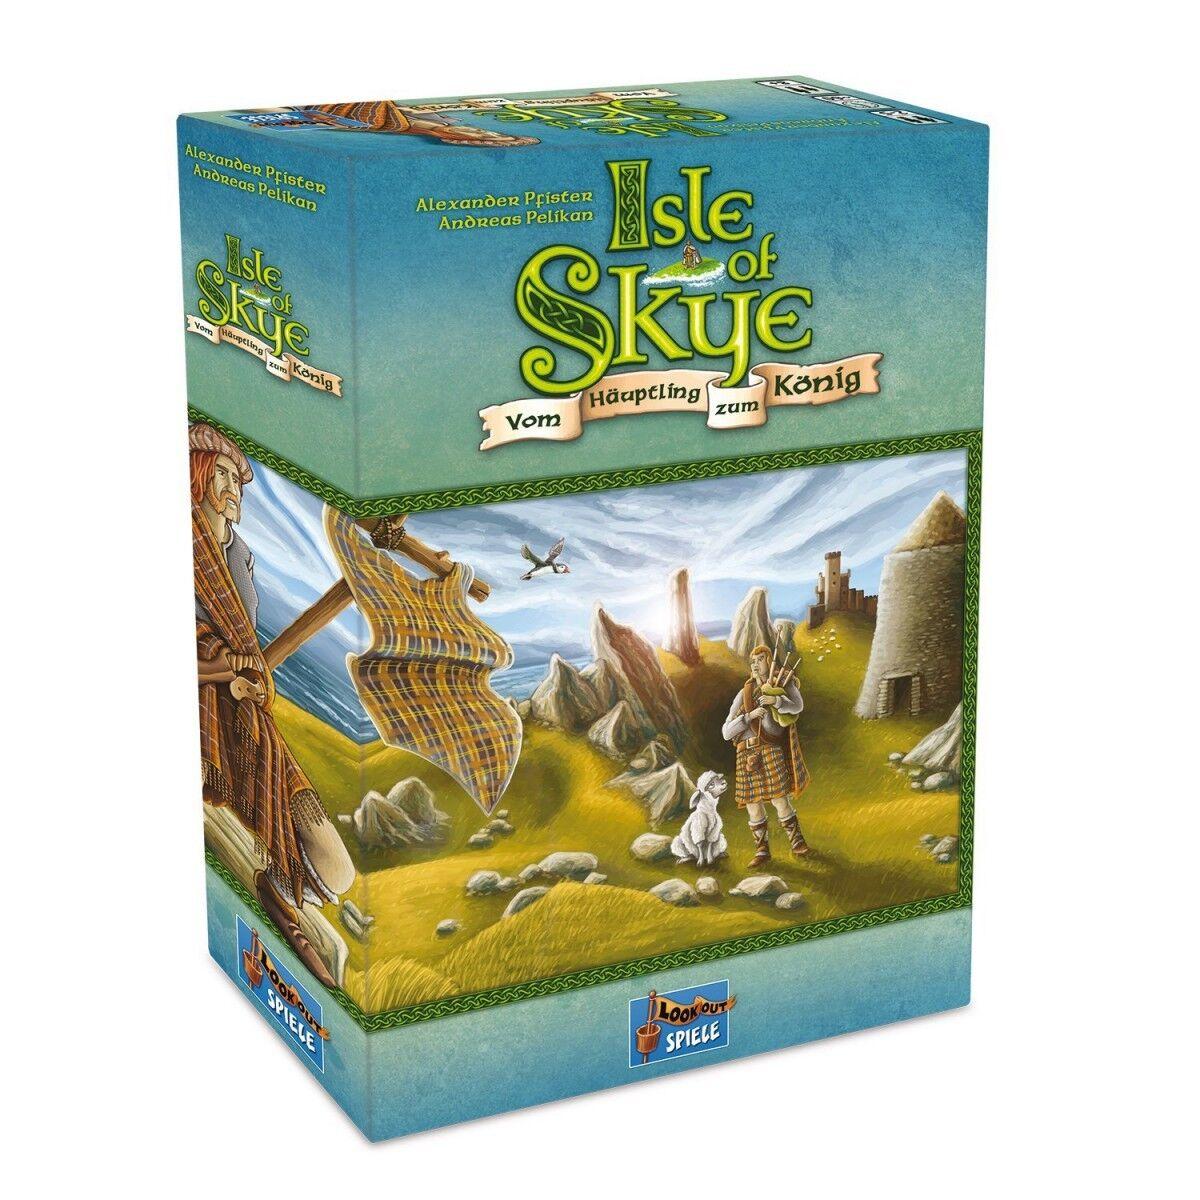 Isle of Skye Vom Häuptling zum König Lookout Games Brettspiel Kennerspiel 2016